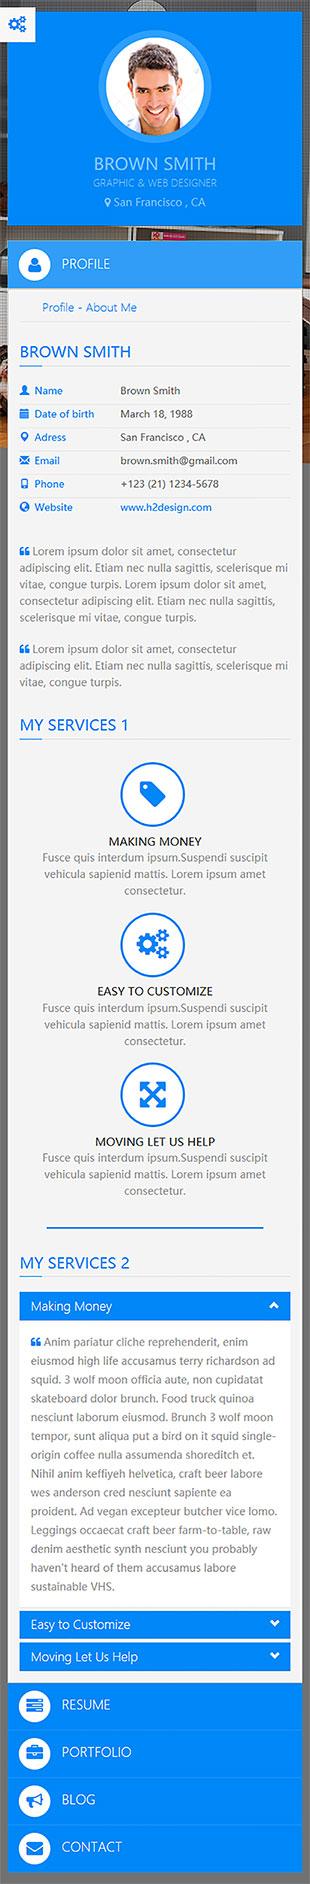 个人博客简历类英文模板网站制作响应式网站手机图片